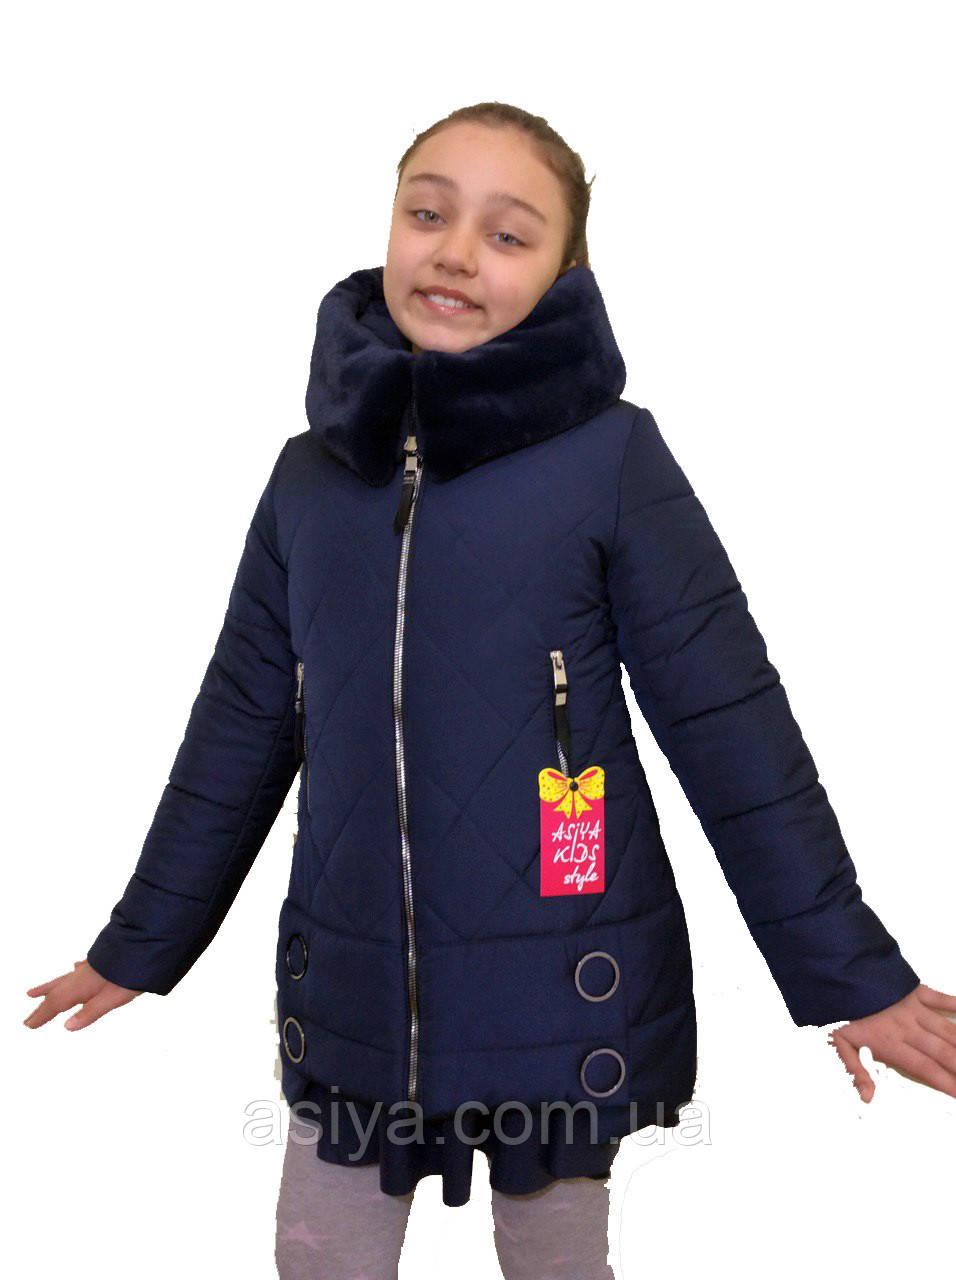 """Зимнее подростковое пальто для девочки """"Ромб"""" синего цвета от asiya.com.ua"""